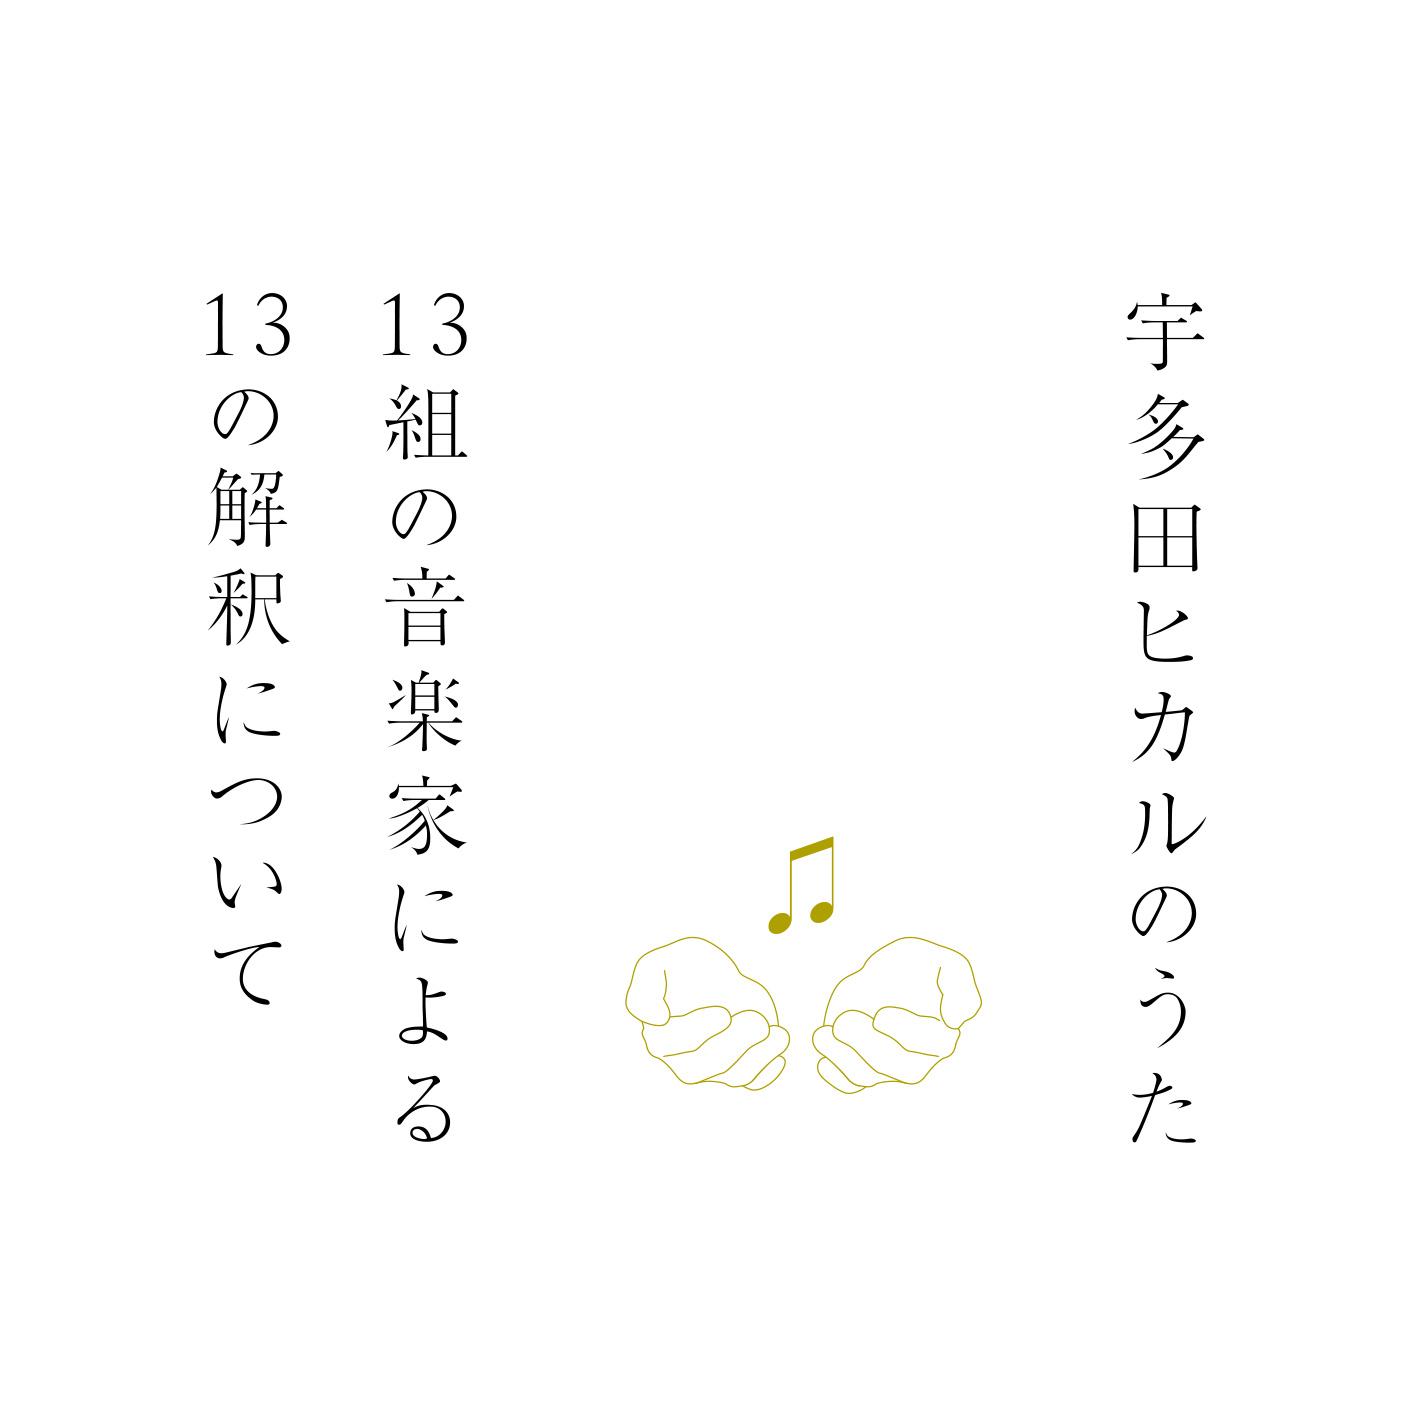 宇多田ヒカルのうた_141101